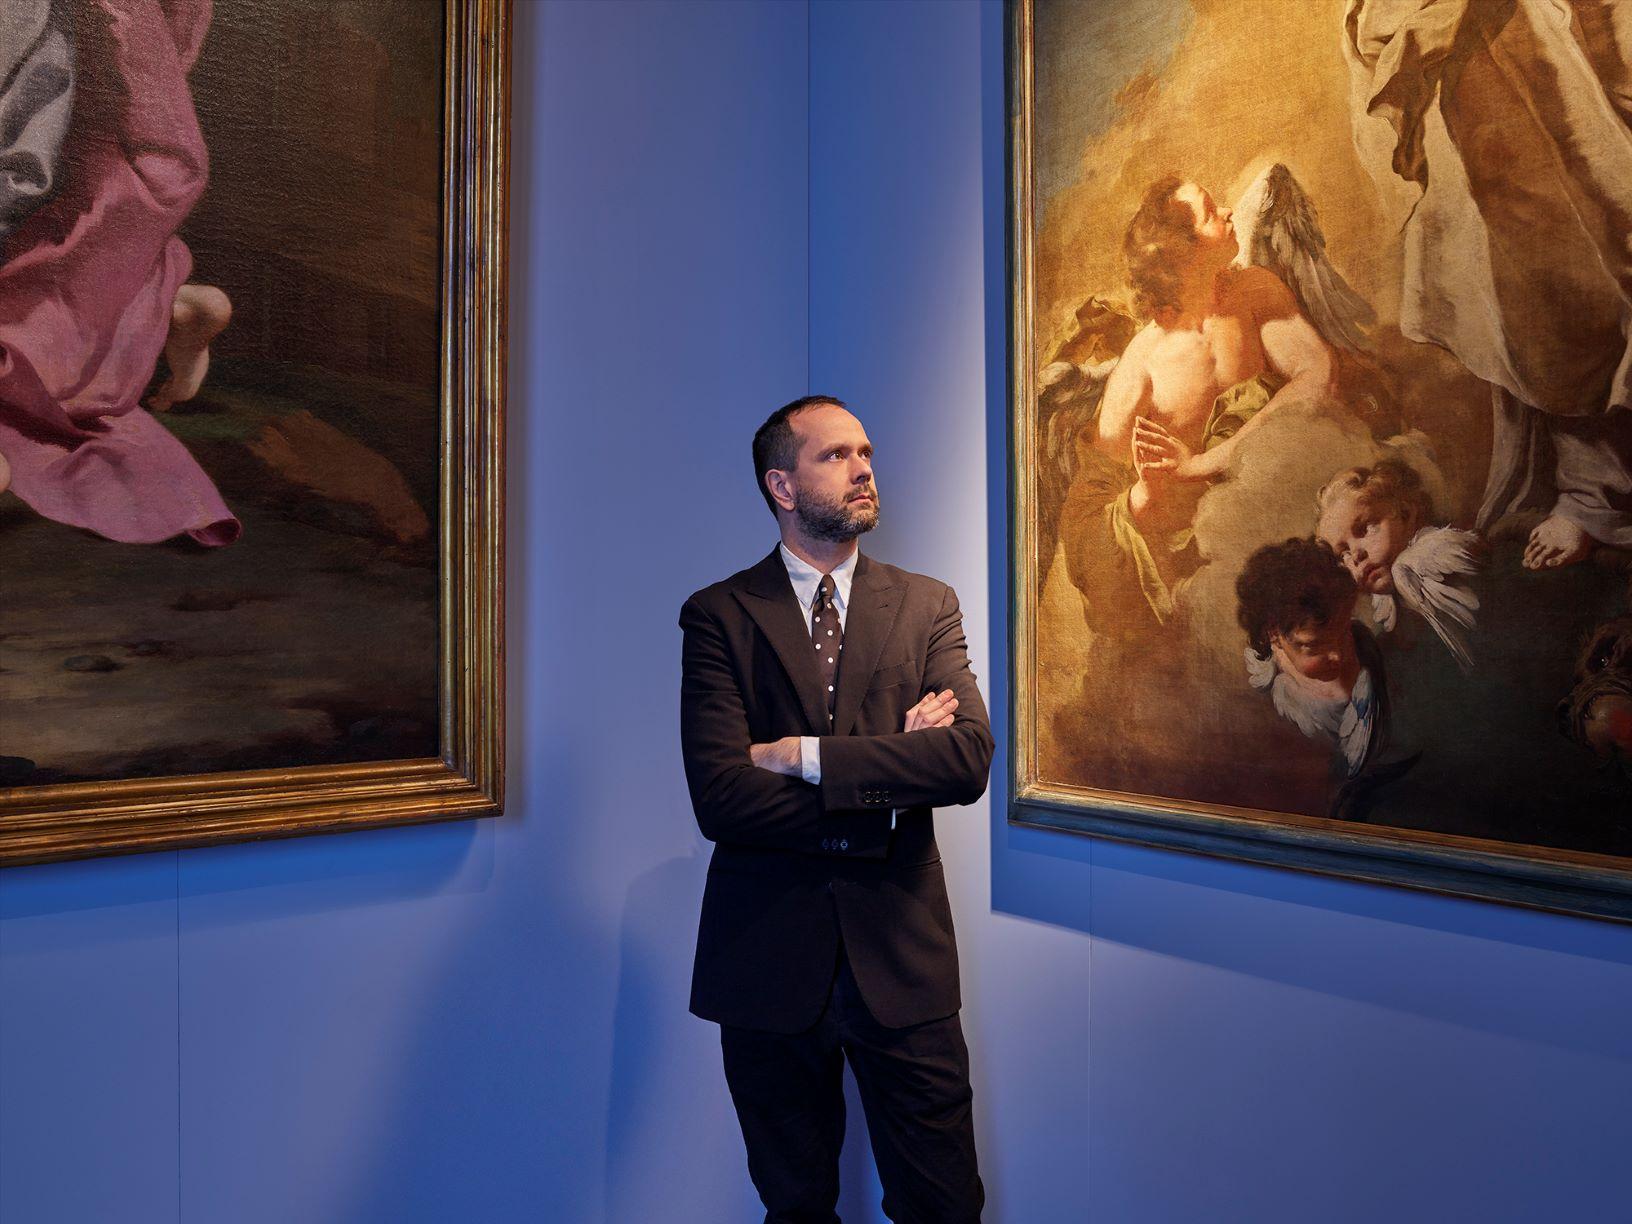 La nuova normalità dei musei. Intervista a Simone Verde, Complesso monumentale Pilotta di Parma